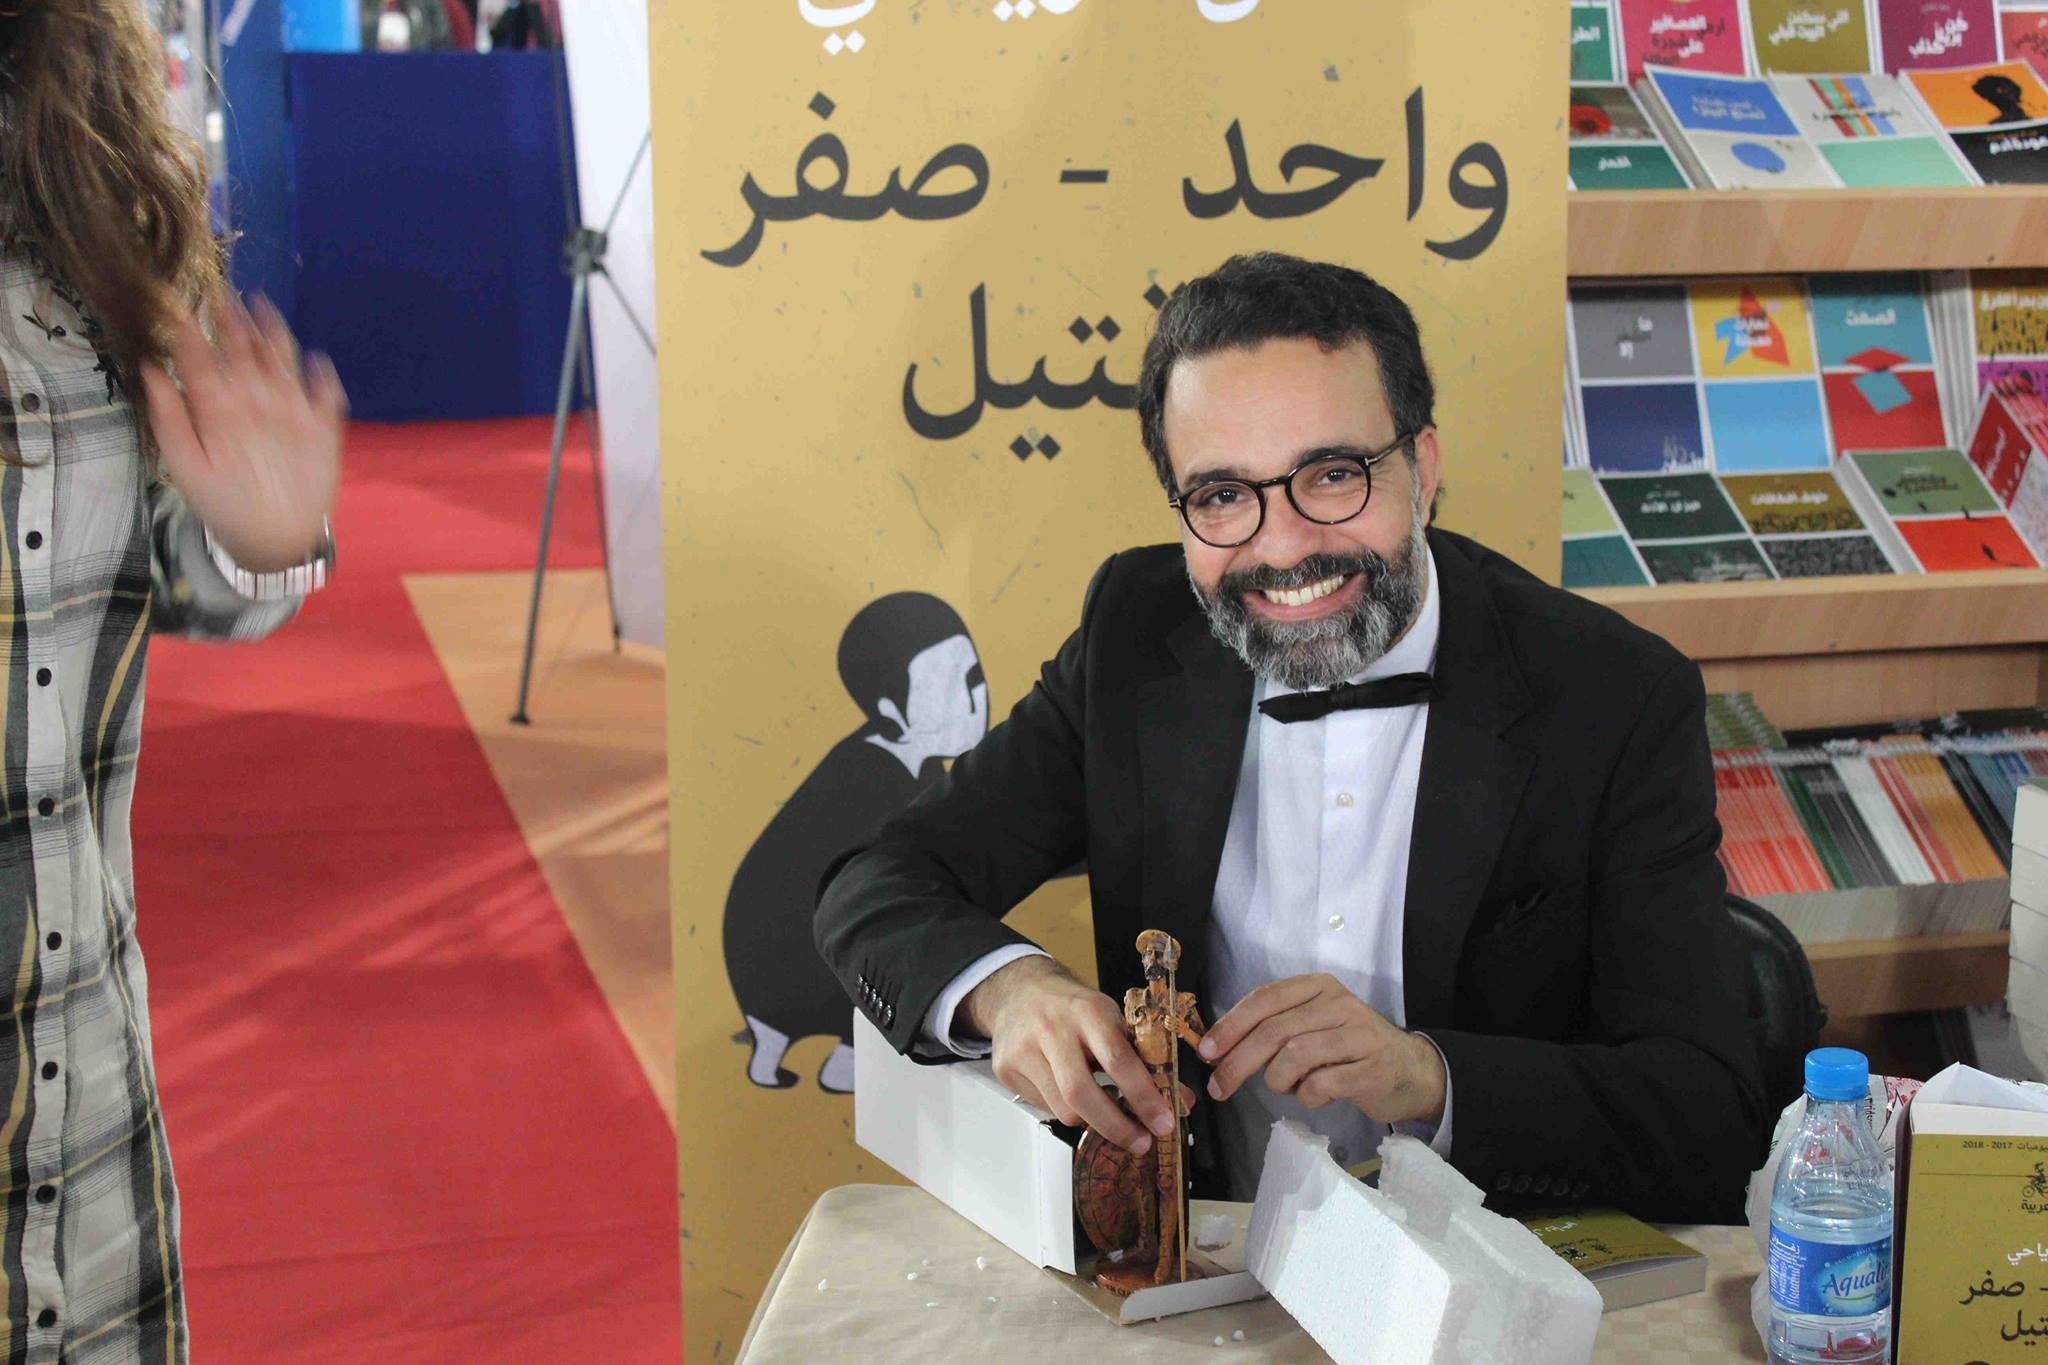 كمال الرياحى يوقع كتابه واحد صفر للقتيل الفائز بجائزة ابن بطوطة فى معرض تونس (14)